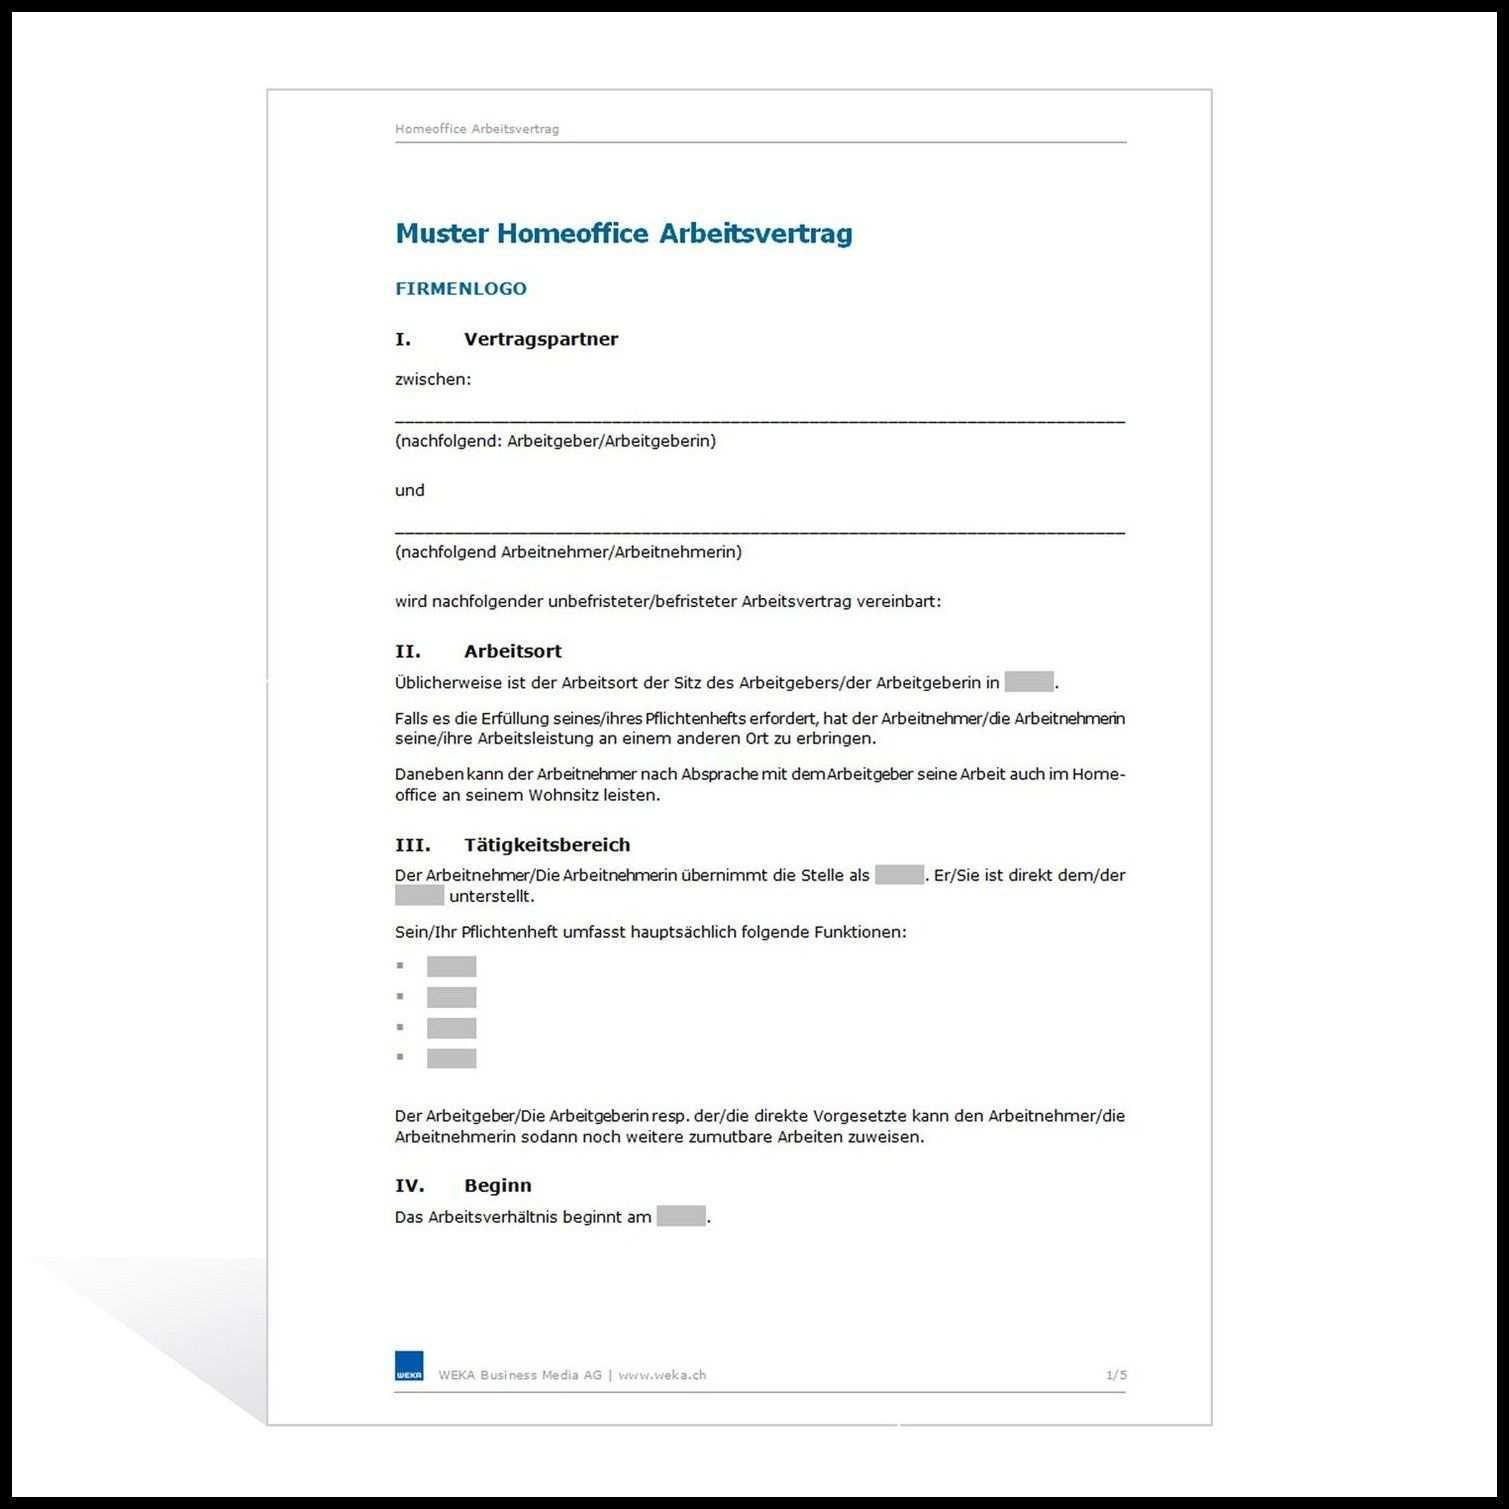 Vertrag Kundigen Vorlage Beispiel Musterschreiben Mobil Lebenslaufvorlageword Lebenslaufvorlage Bewerbungmuster Bewerbungm In 2020 Personalized Items Person